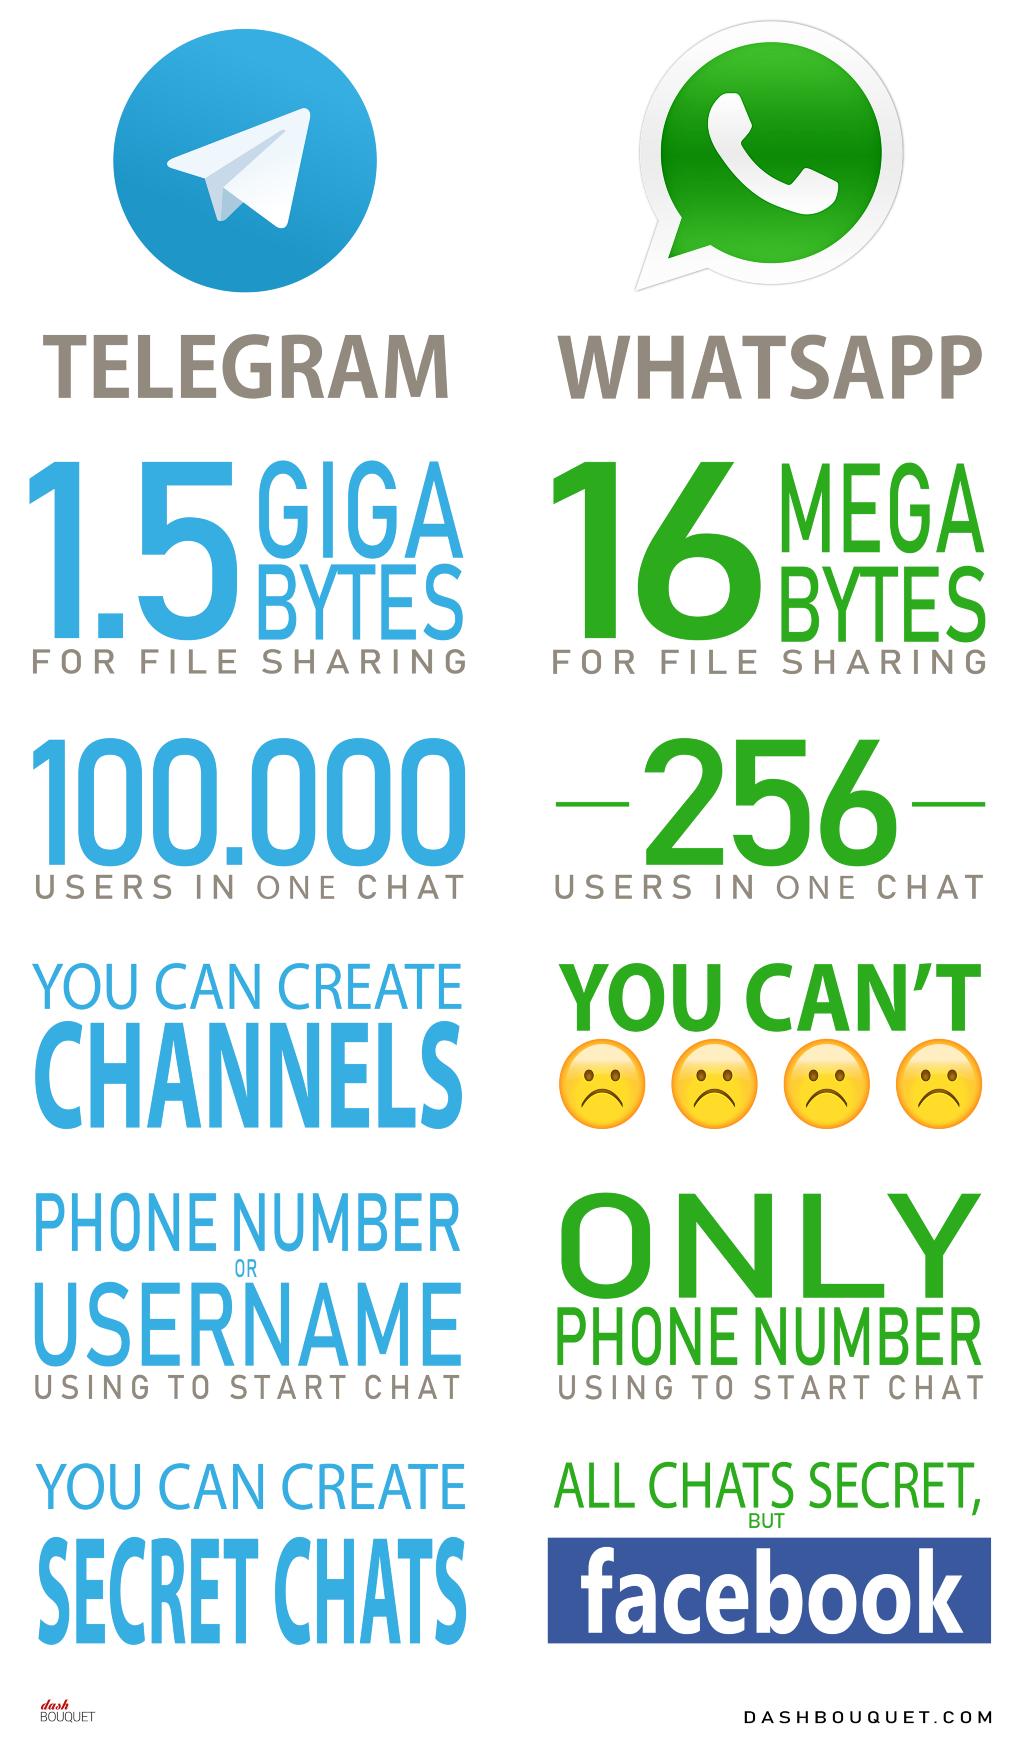 WhatsApp vs Telegram — Messengers Fight - By DashBouquet